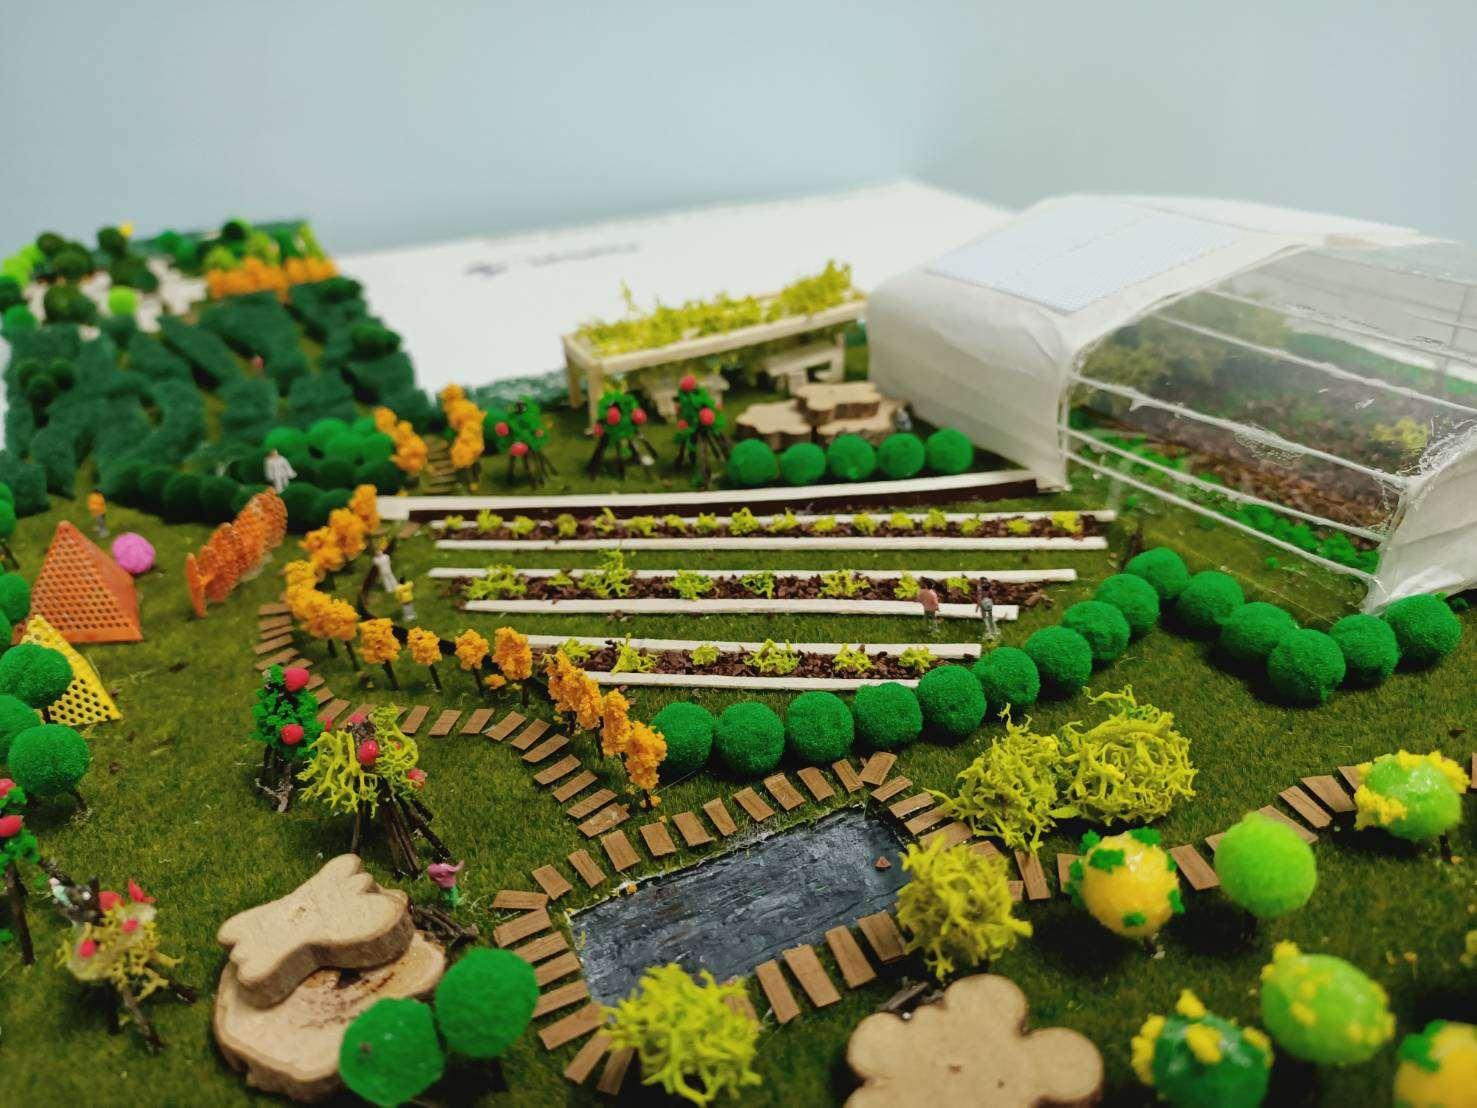 溫室景觀模型1